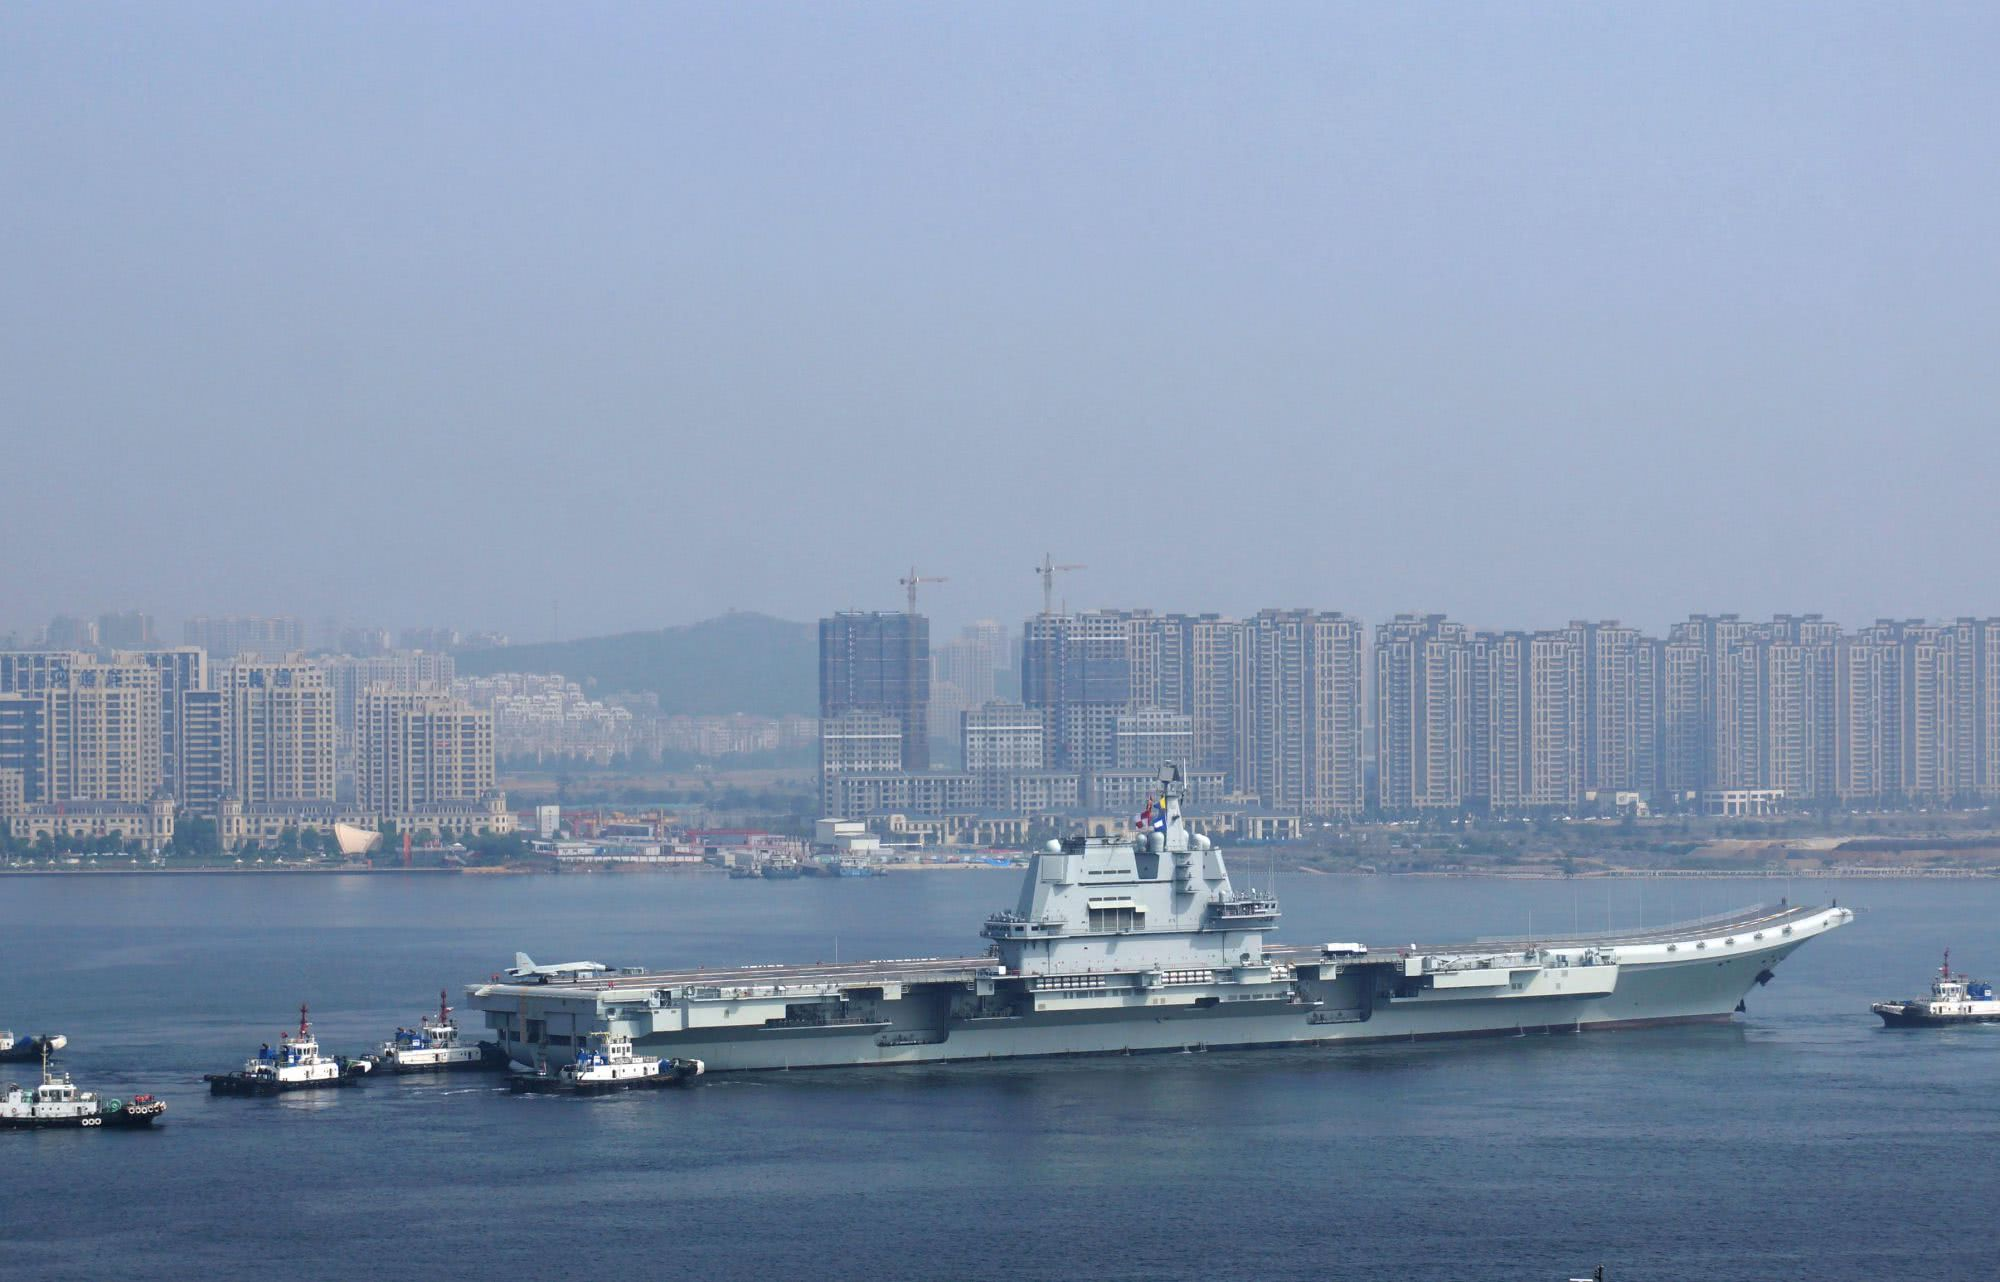 八一传来好消息,002航母出港海试,用实际行动击碎不实谣言